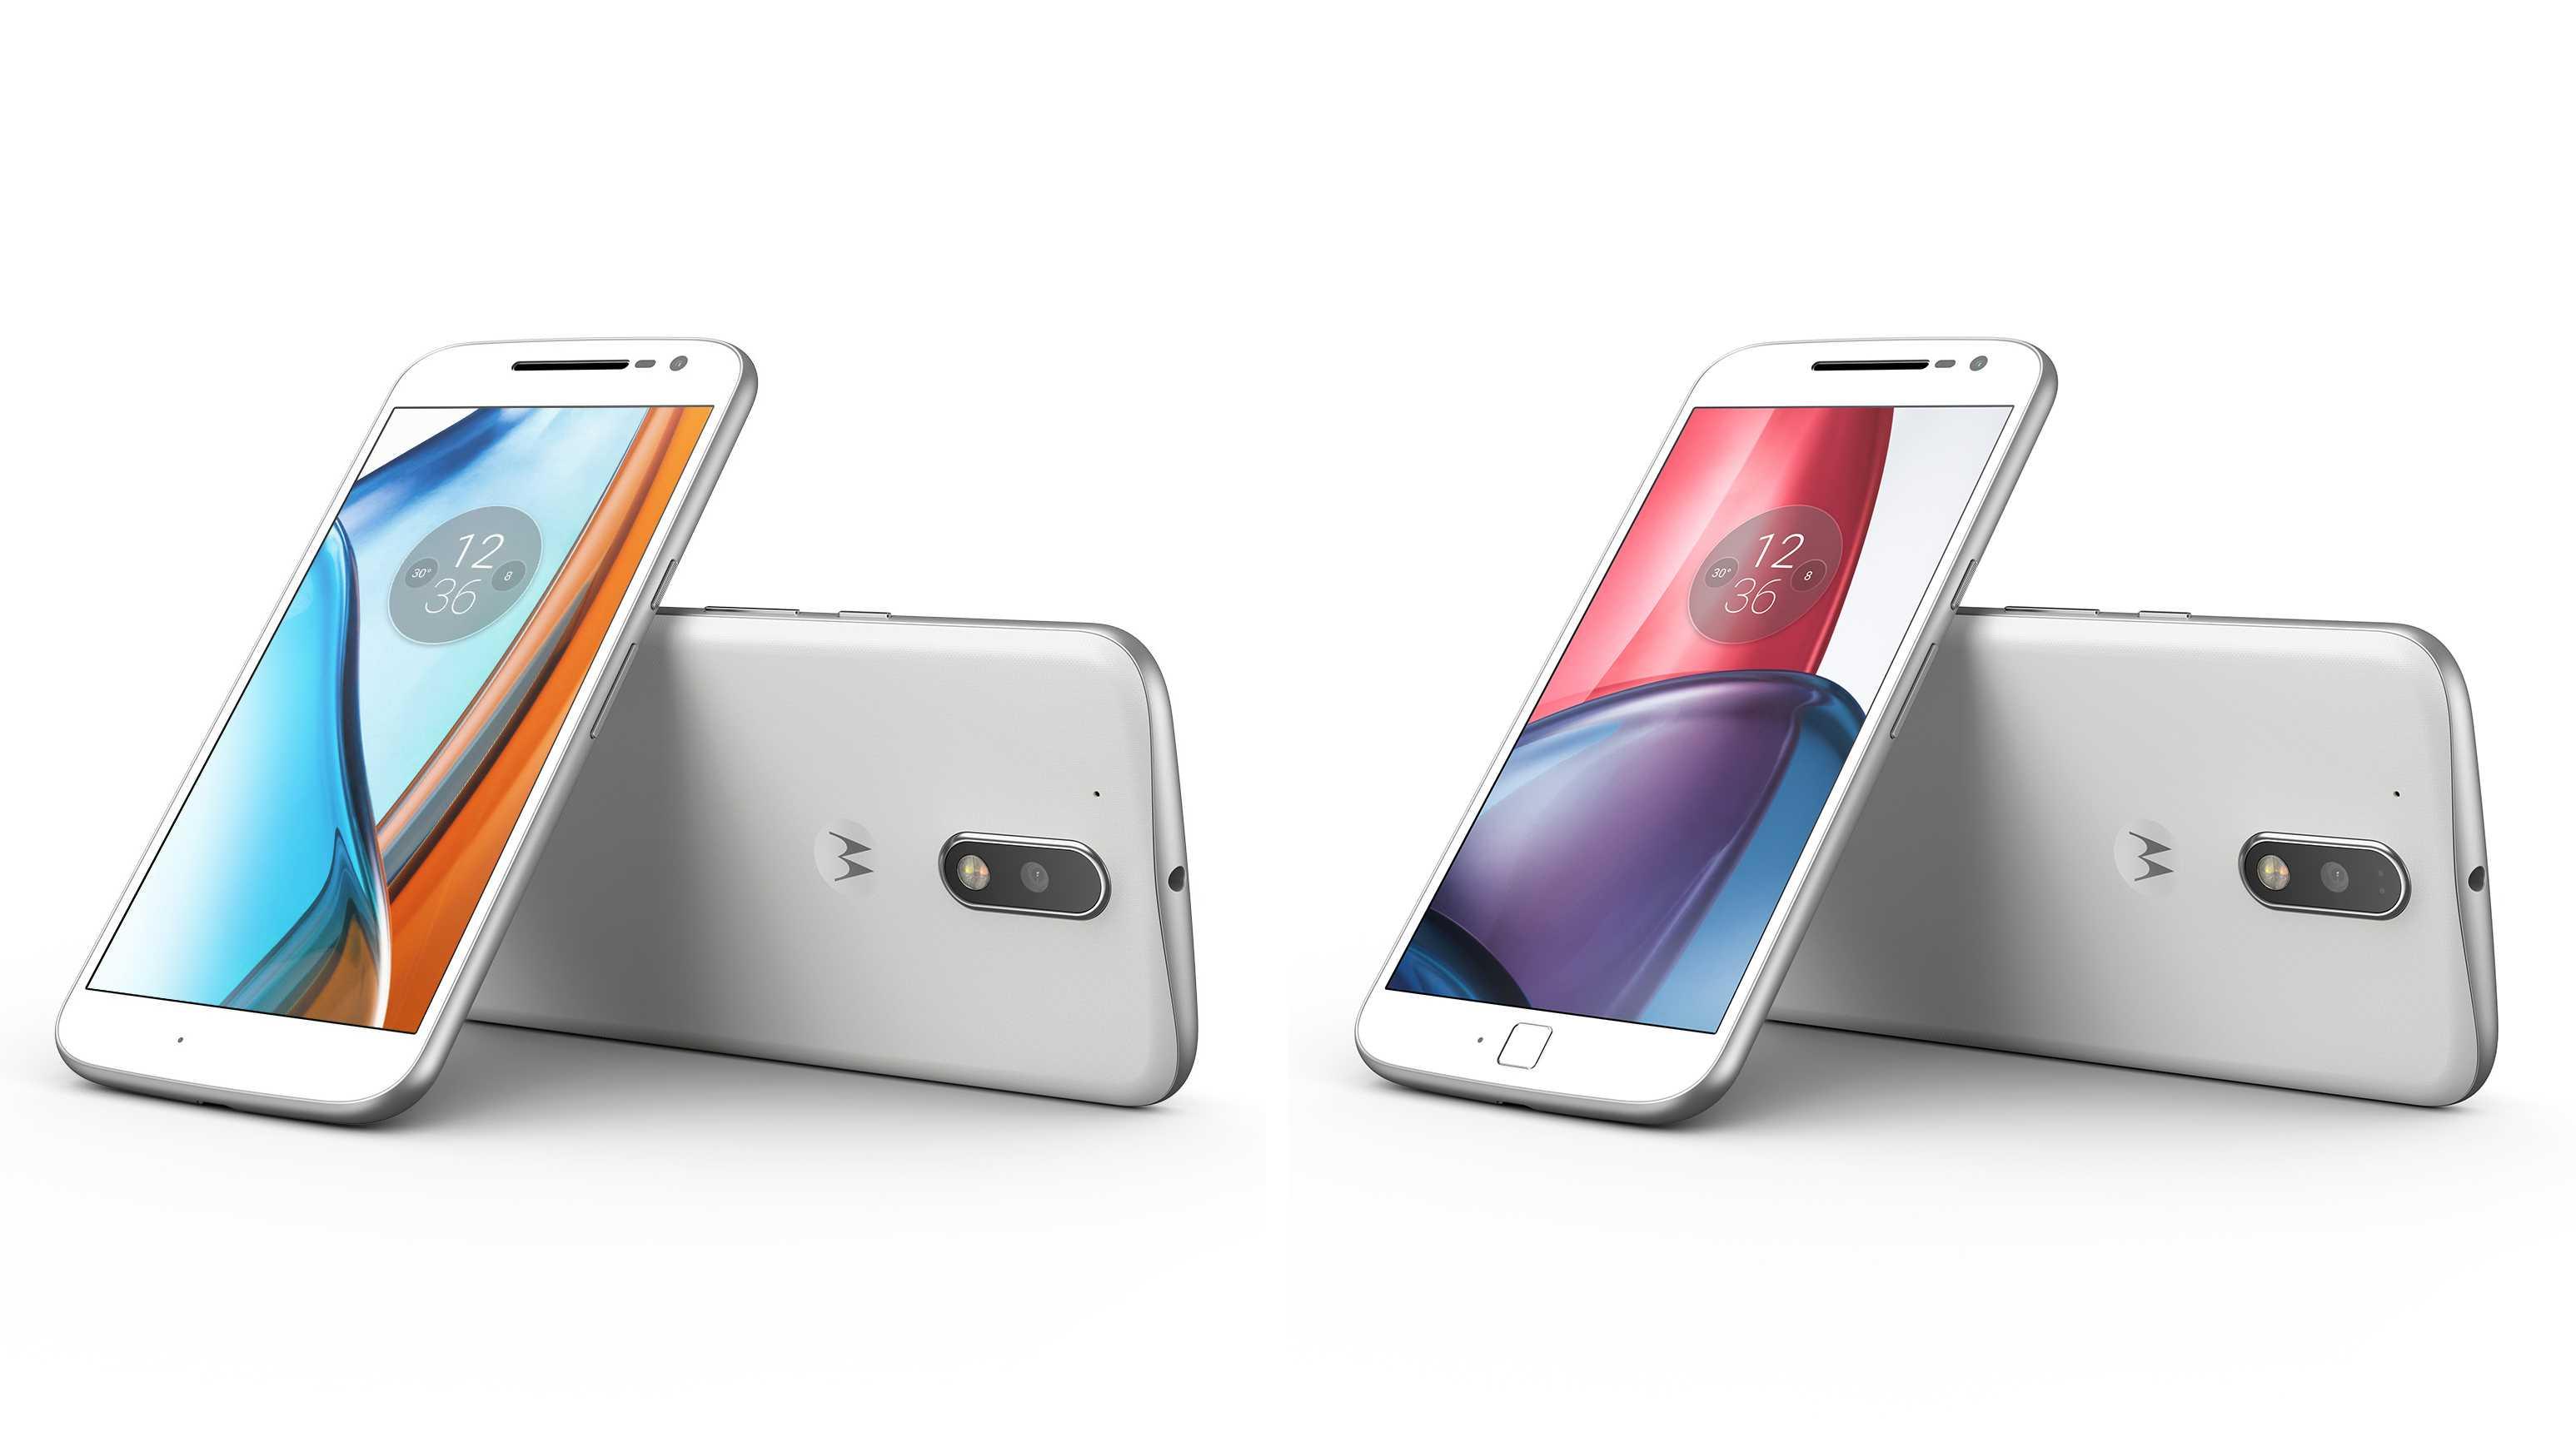 Plus-Version des neuen Motorola-Handy Moto G kommt mit Phasenautofokus, 4K und f/2.0-Kamera